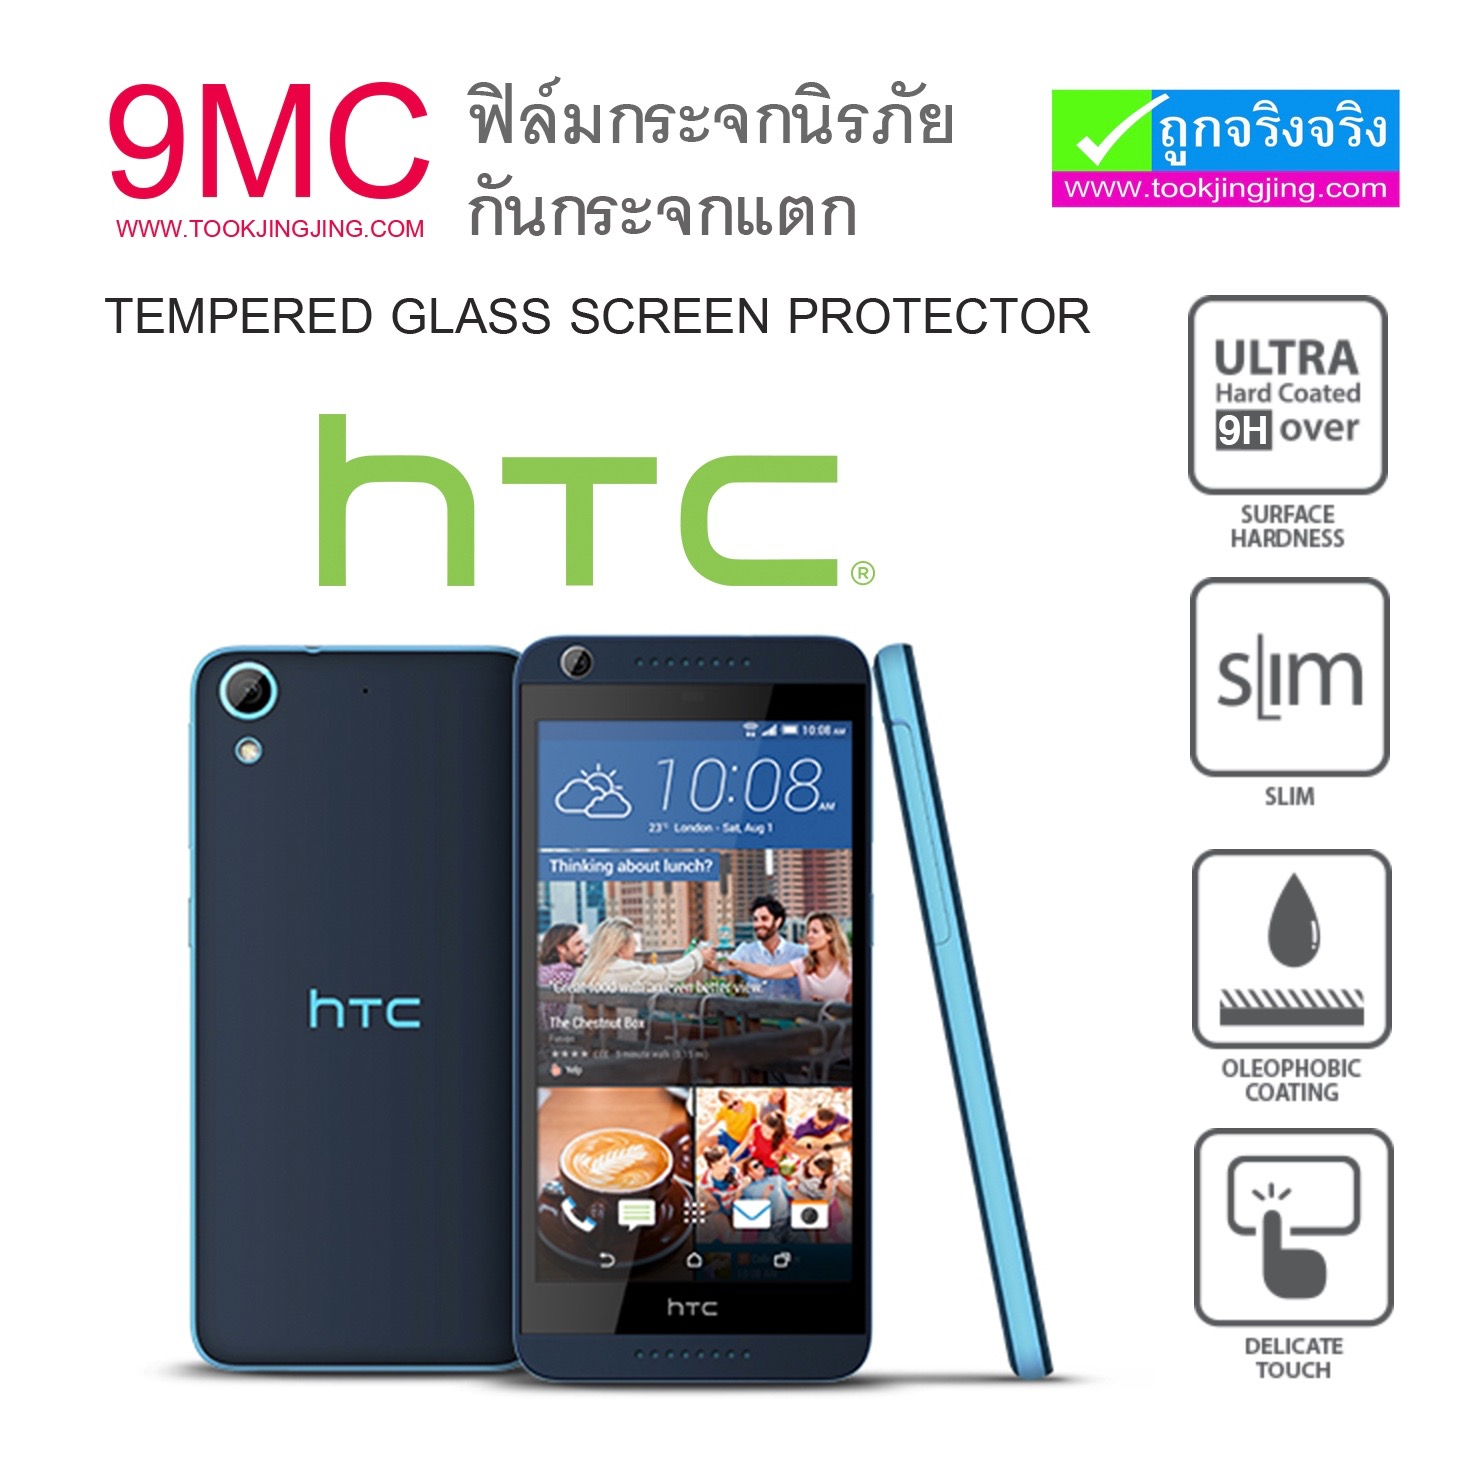 ฟิล์มกระจก htc 9MC ความแข็ง 9H ราคา 49 บาท ปกติ 160 บาท